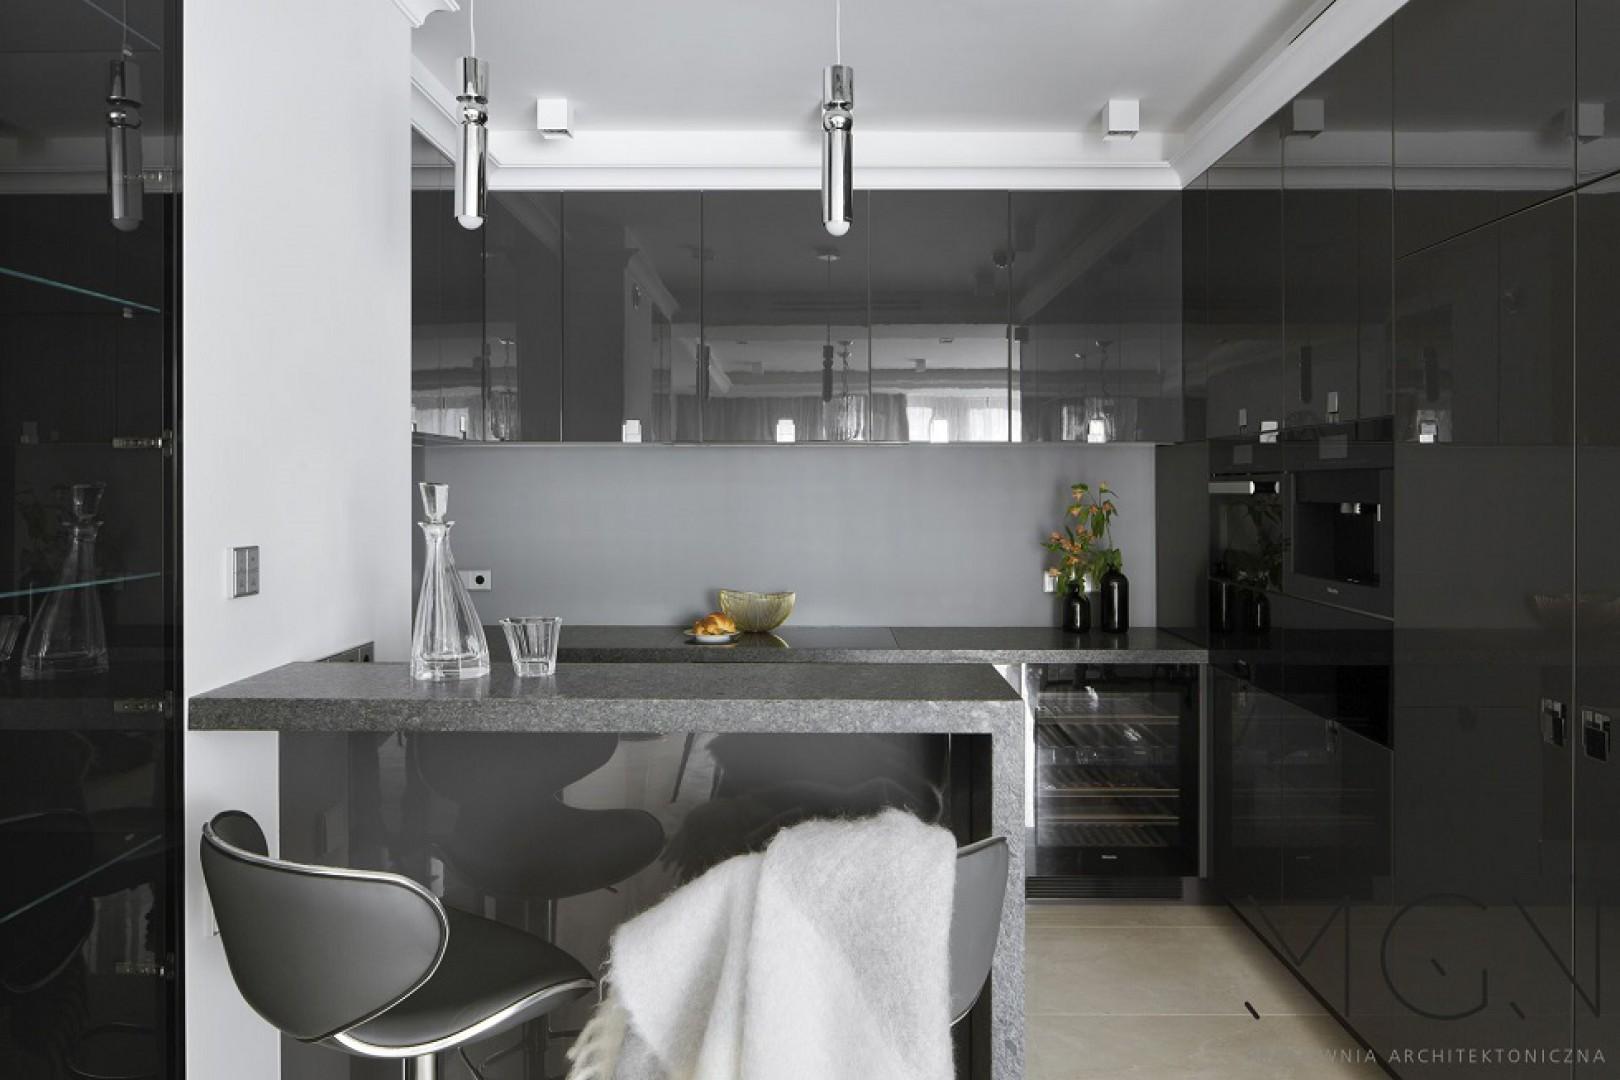 Kuchnia w różnych odcieniach szarości. Fot. MGN Pracownia Architektoniczna